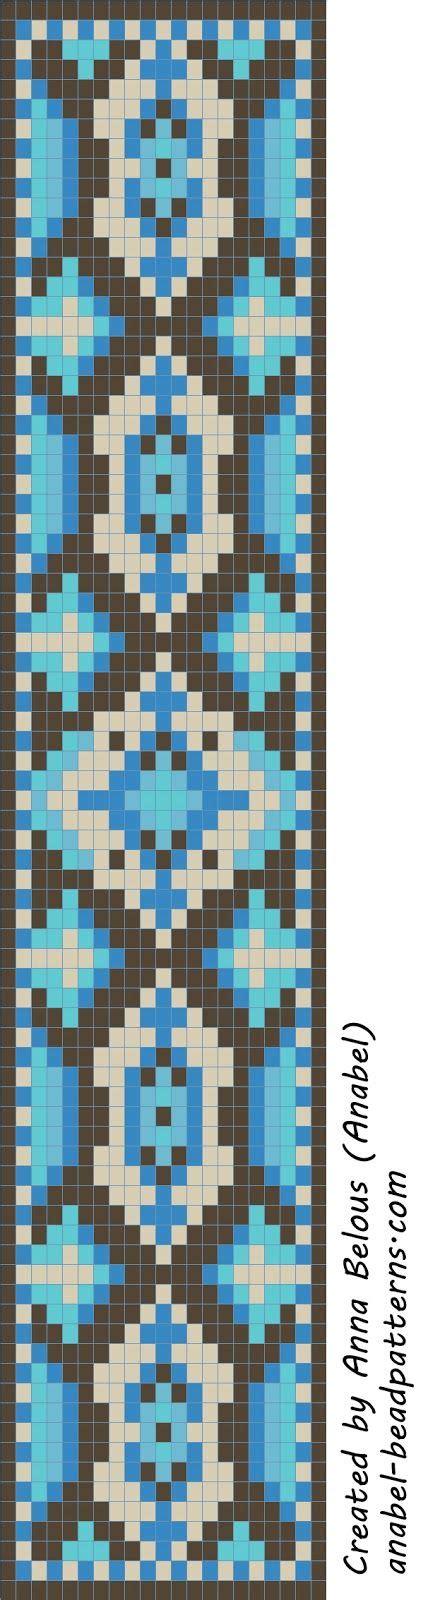 bead weaving loom patterns best ideas about free bead loom patterns bead weaving